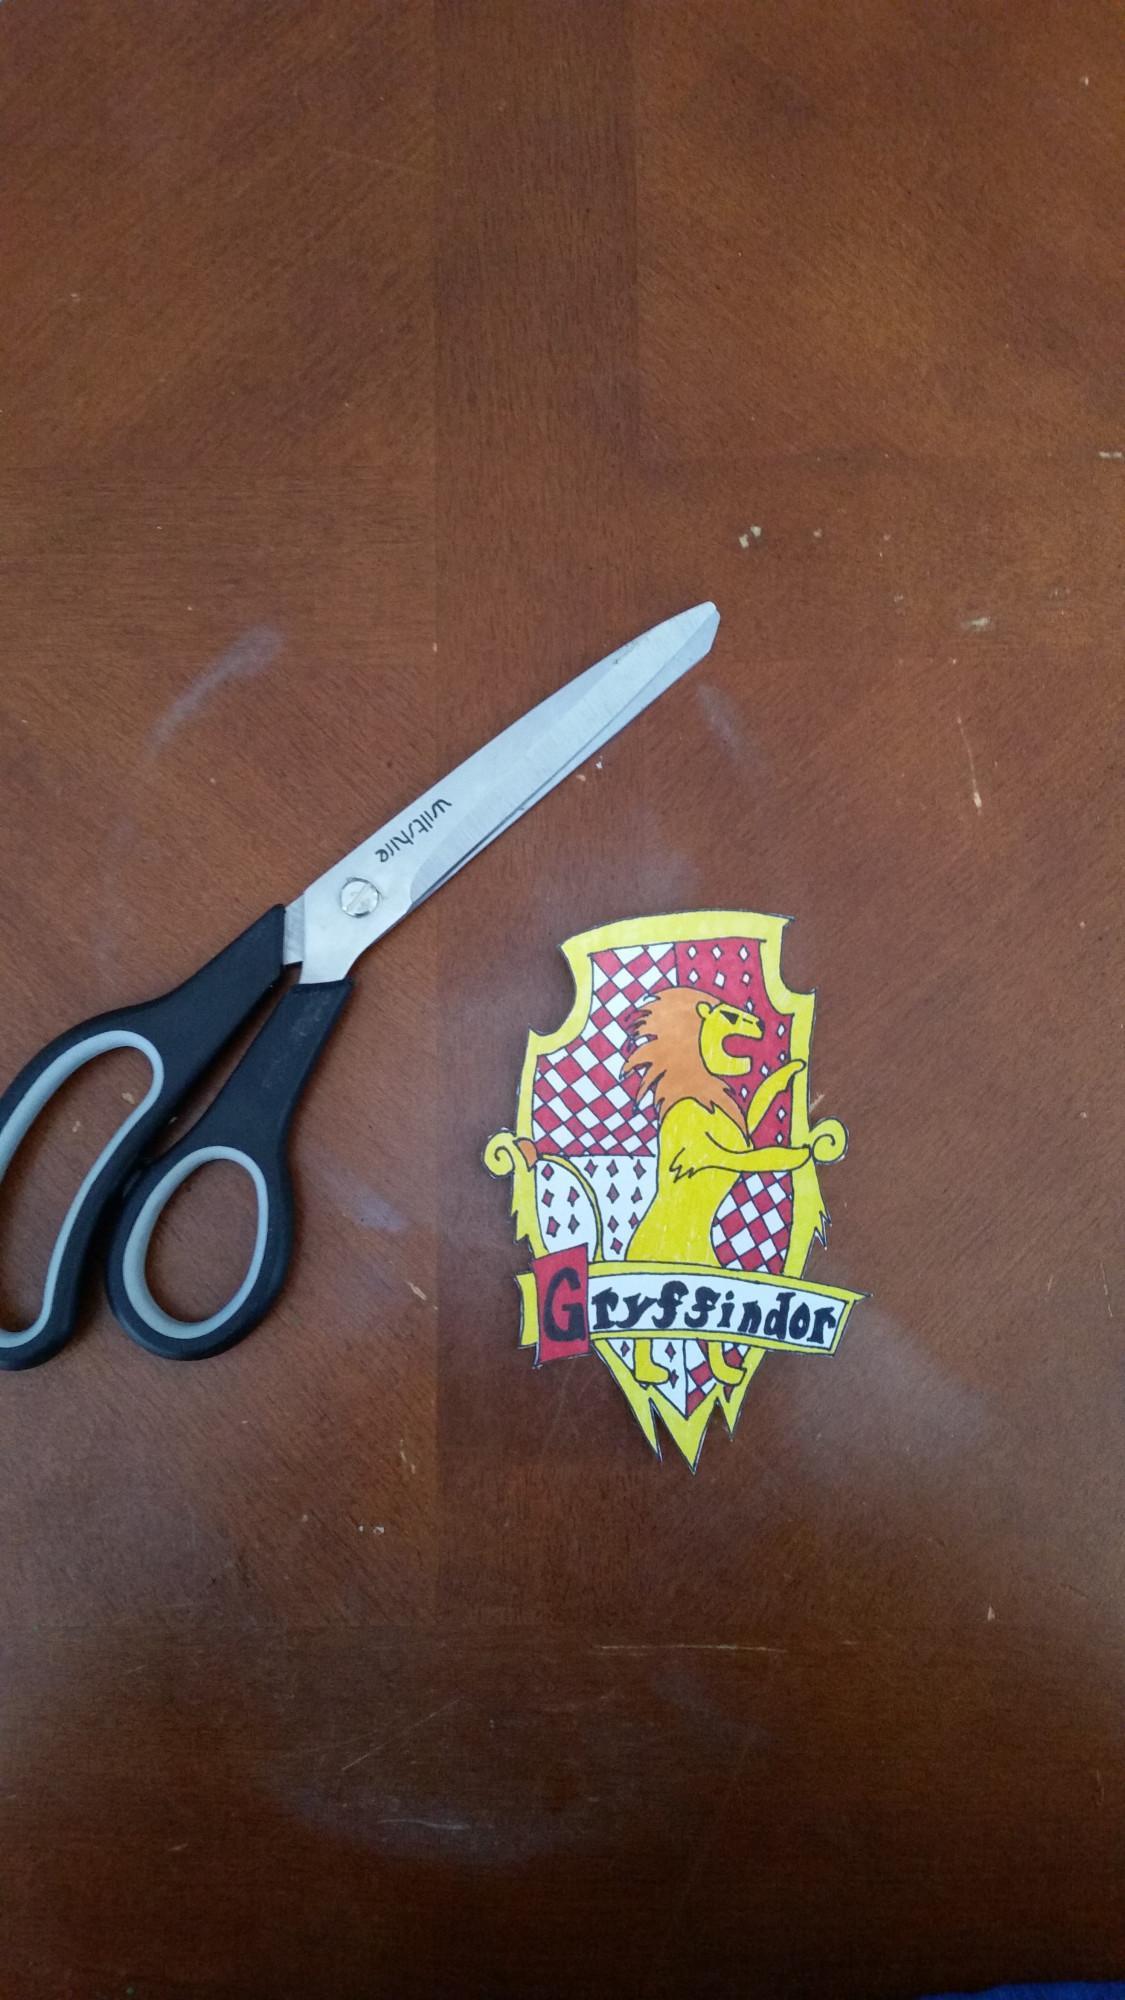 Hogwarts Wappen Zum Ausdrucken Frisch Harry Potter Trocken Löschen Board Gunook Bild